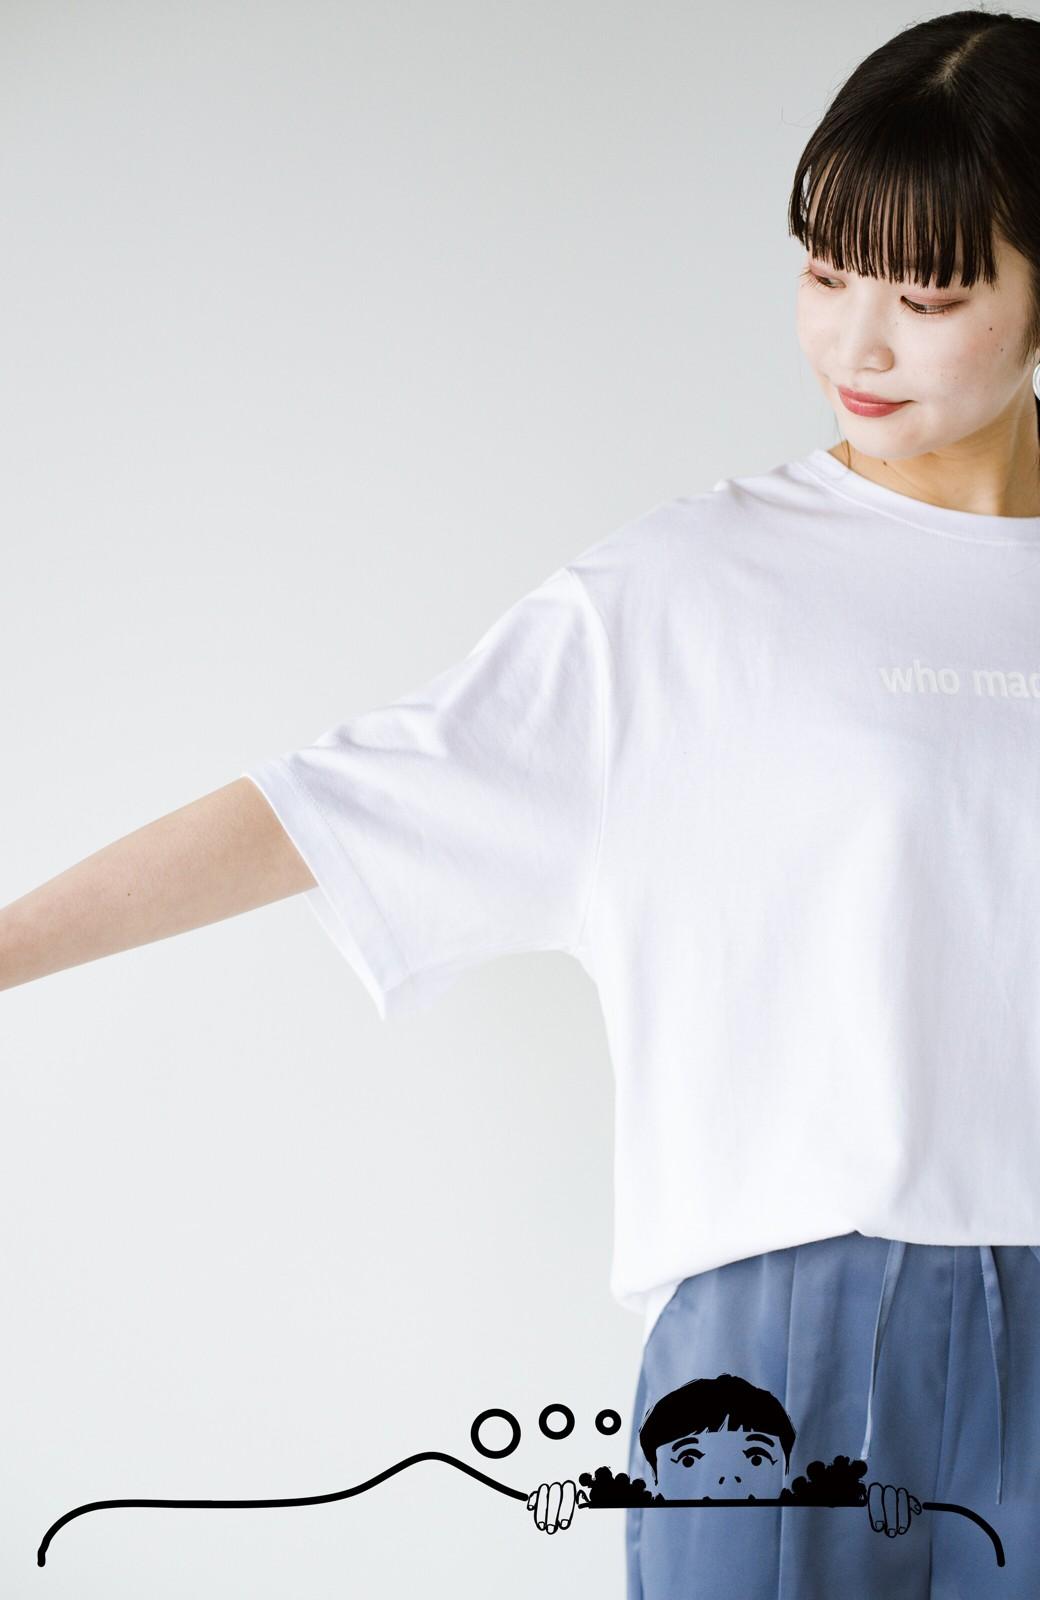 haco! あるかないかで大違い!大人の抜け感を醸し出すさりげなロゴTシャツ by who made me + PBP <ホワイト>の商品写真6